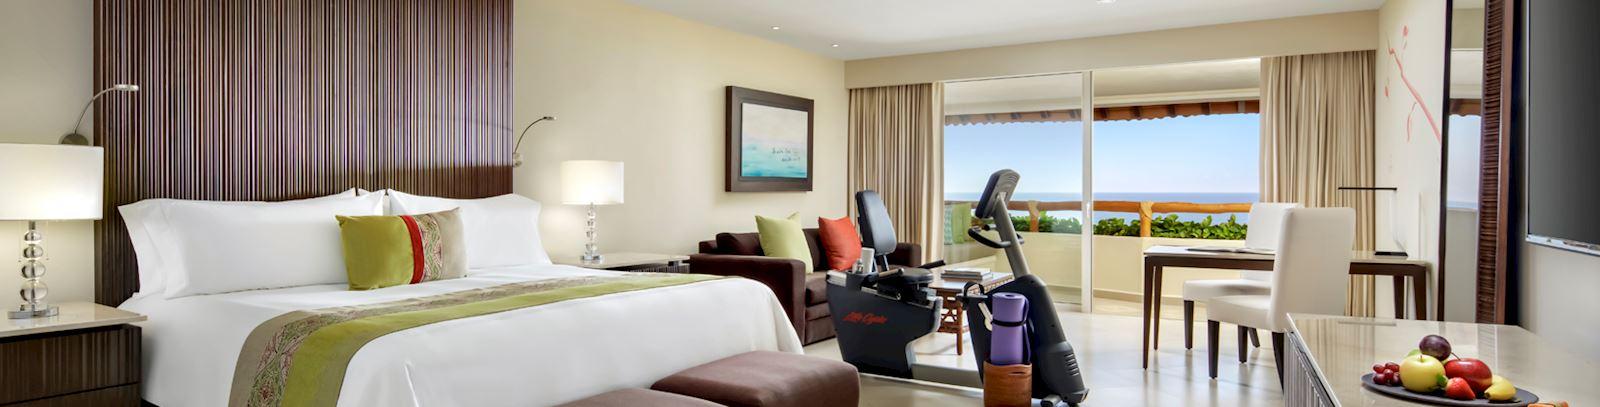 Suite Wellness en Grand Velas Riviera Nayarit